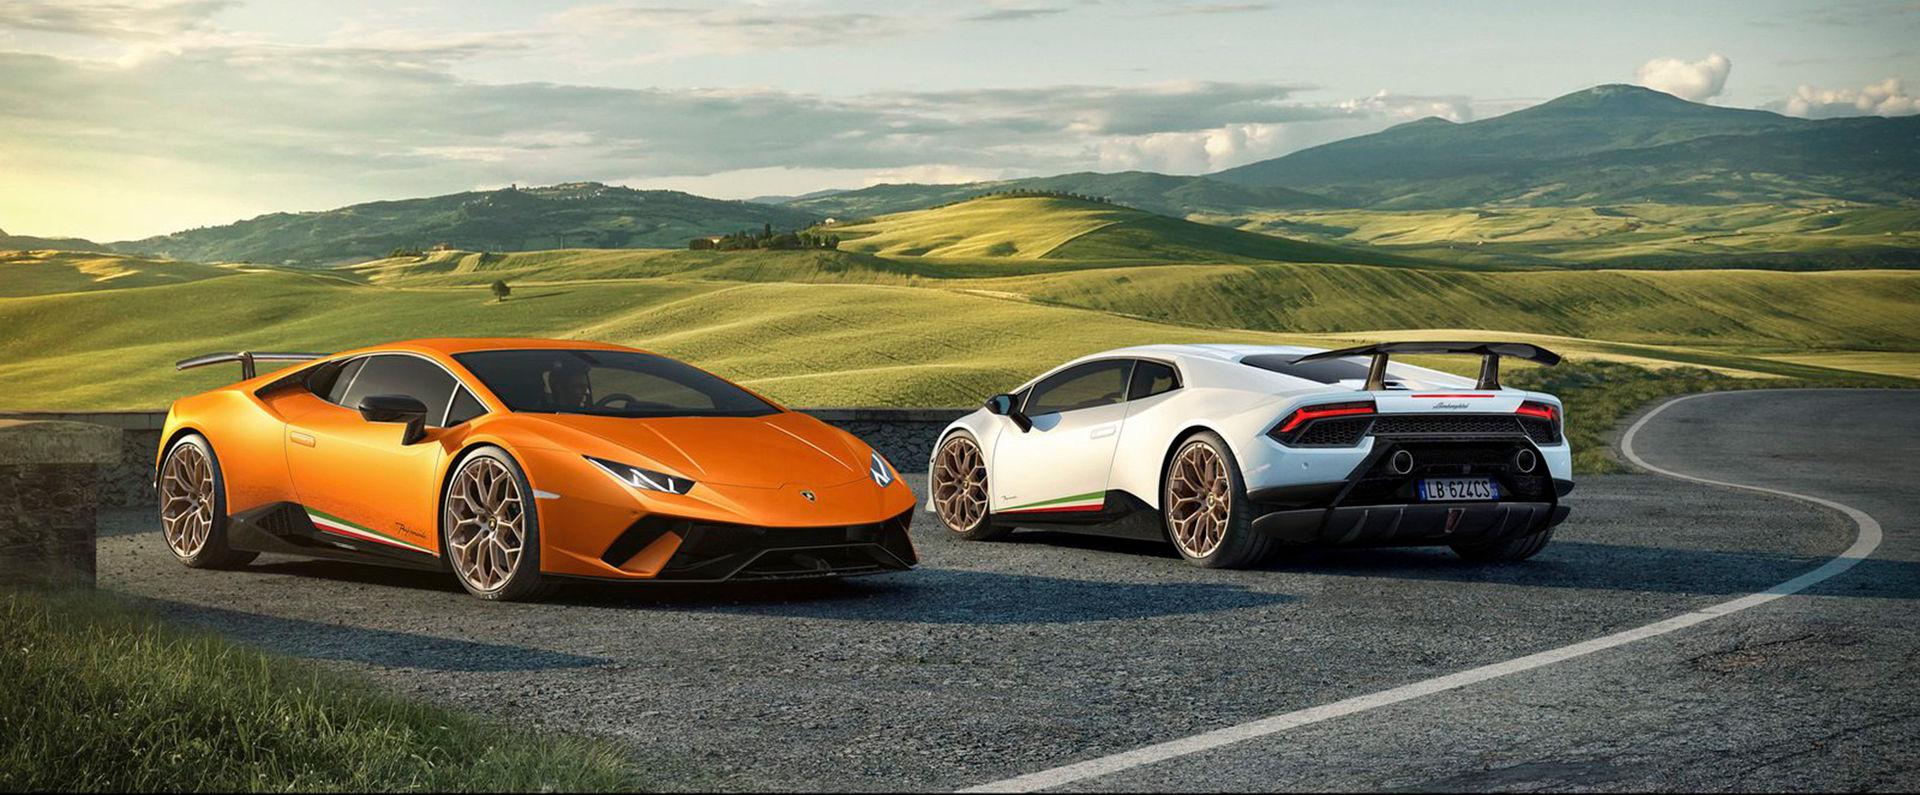 Det här är årets bil enligt Jeremy Clarkson